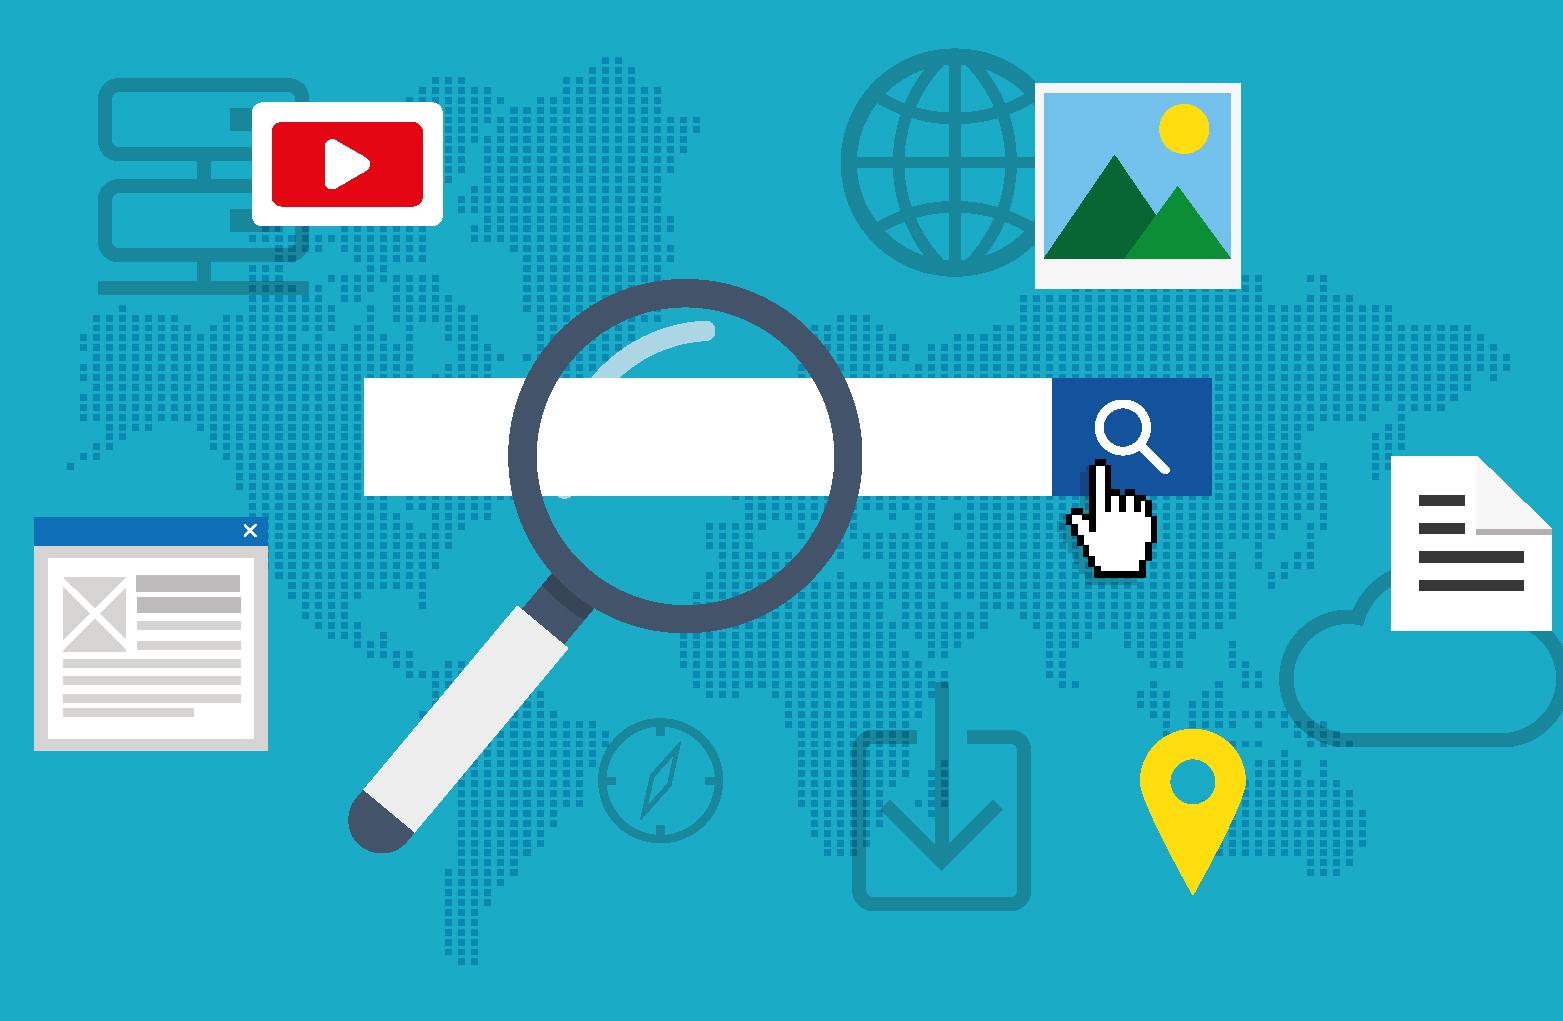 Todo lo que debes saber a la hora de elegir un dominio web